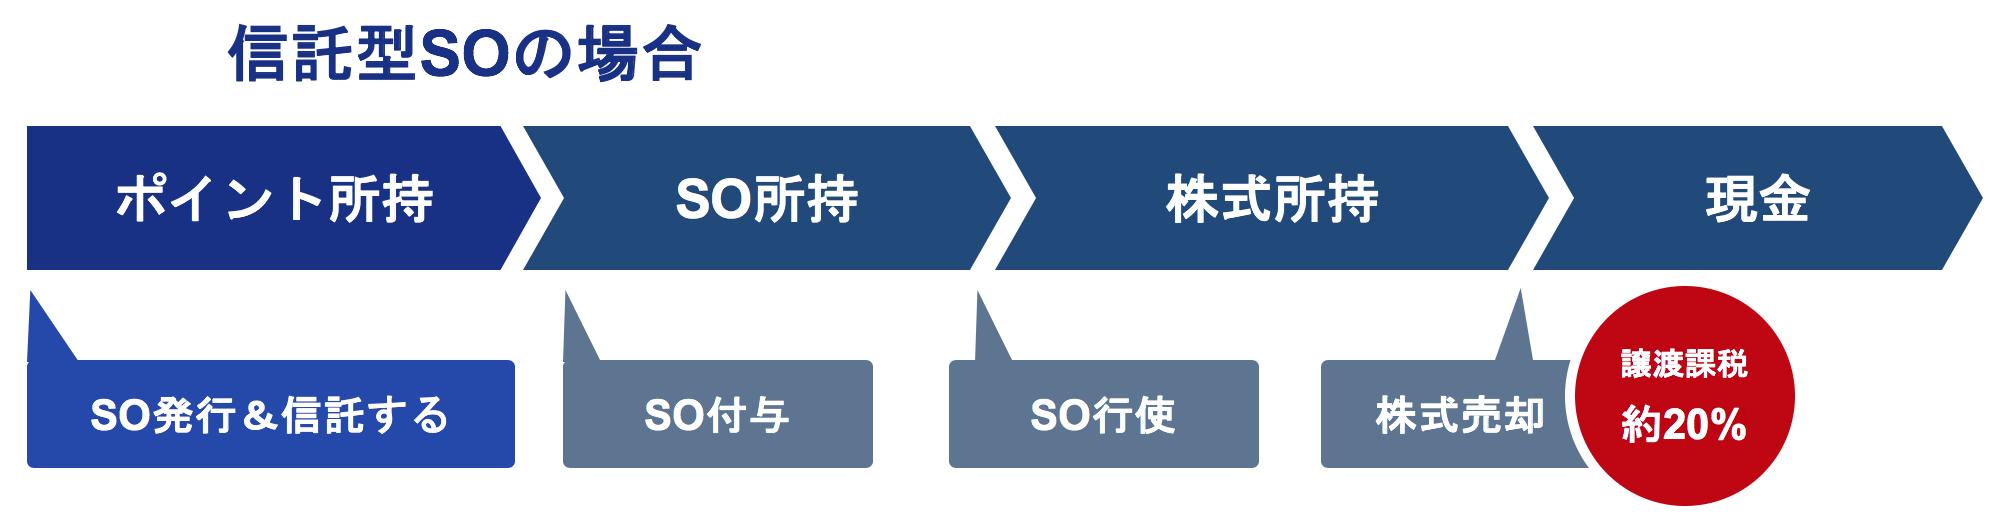 信託型ストックオプションの説明 株式売却までの流れ